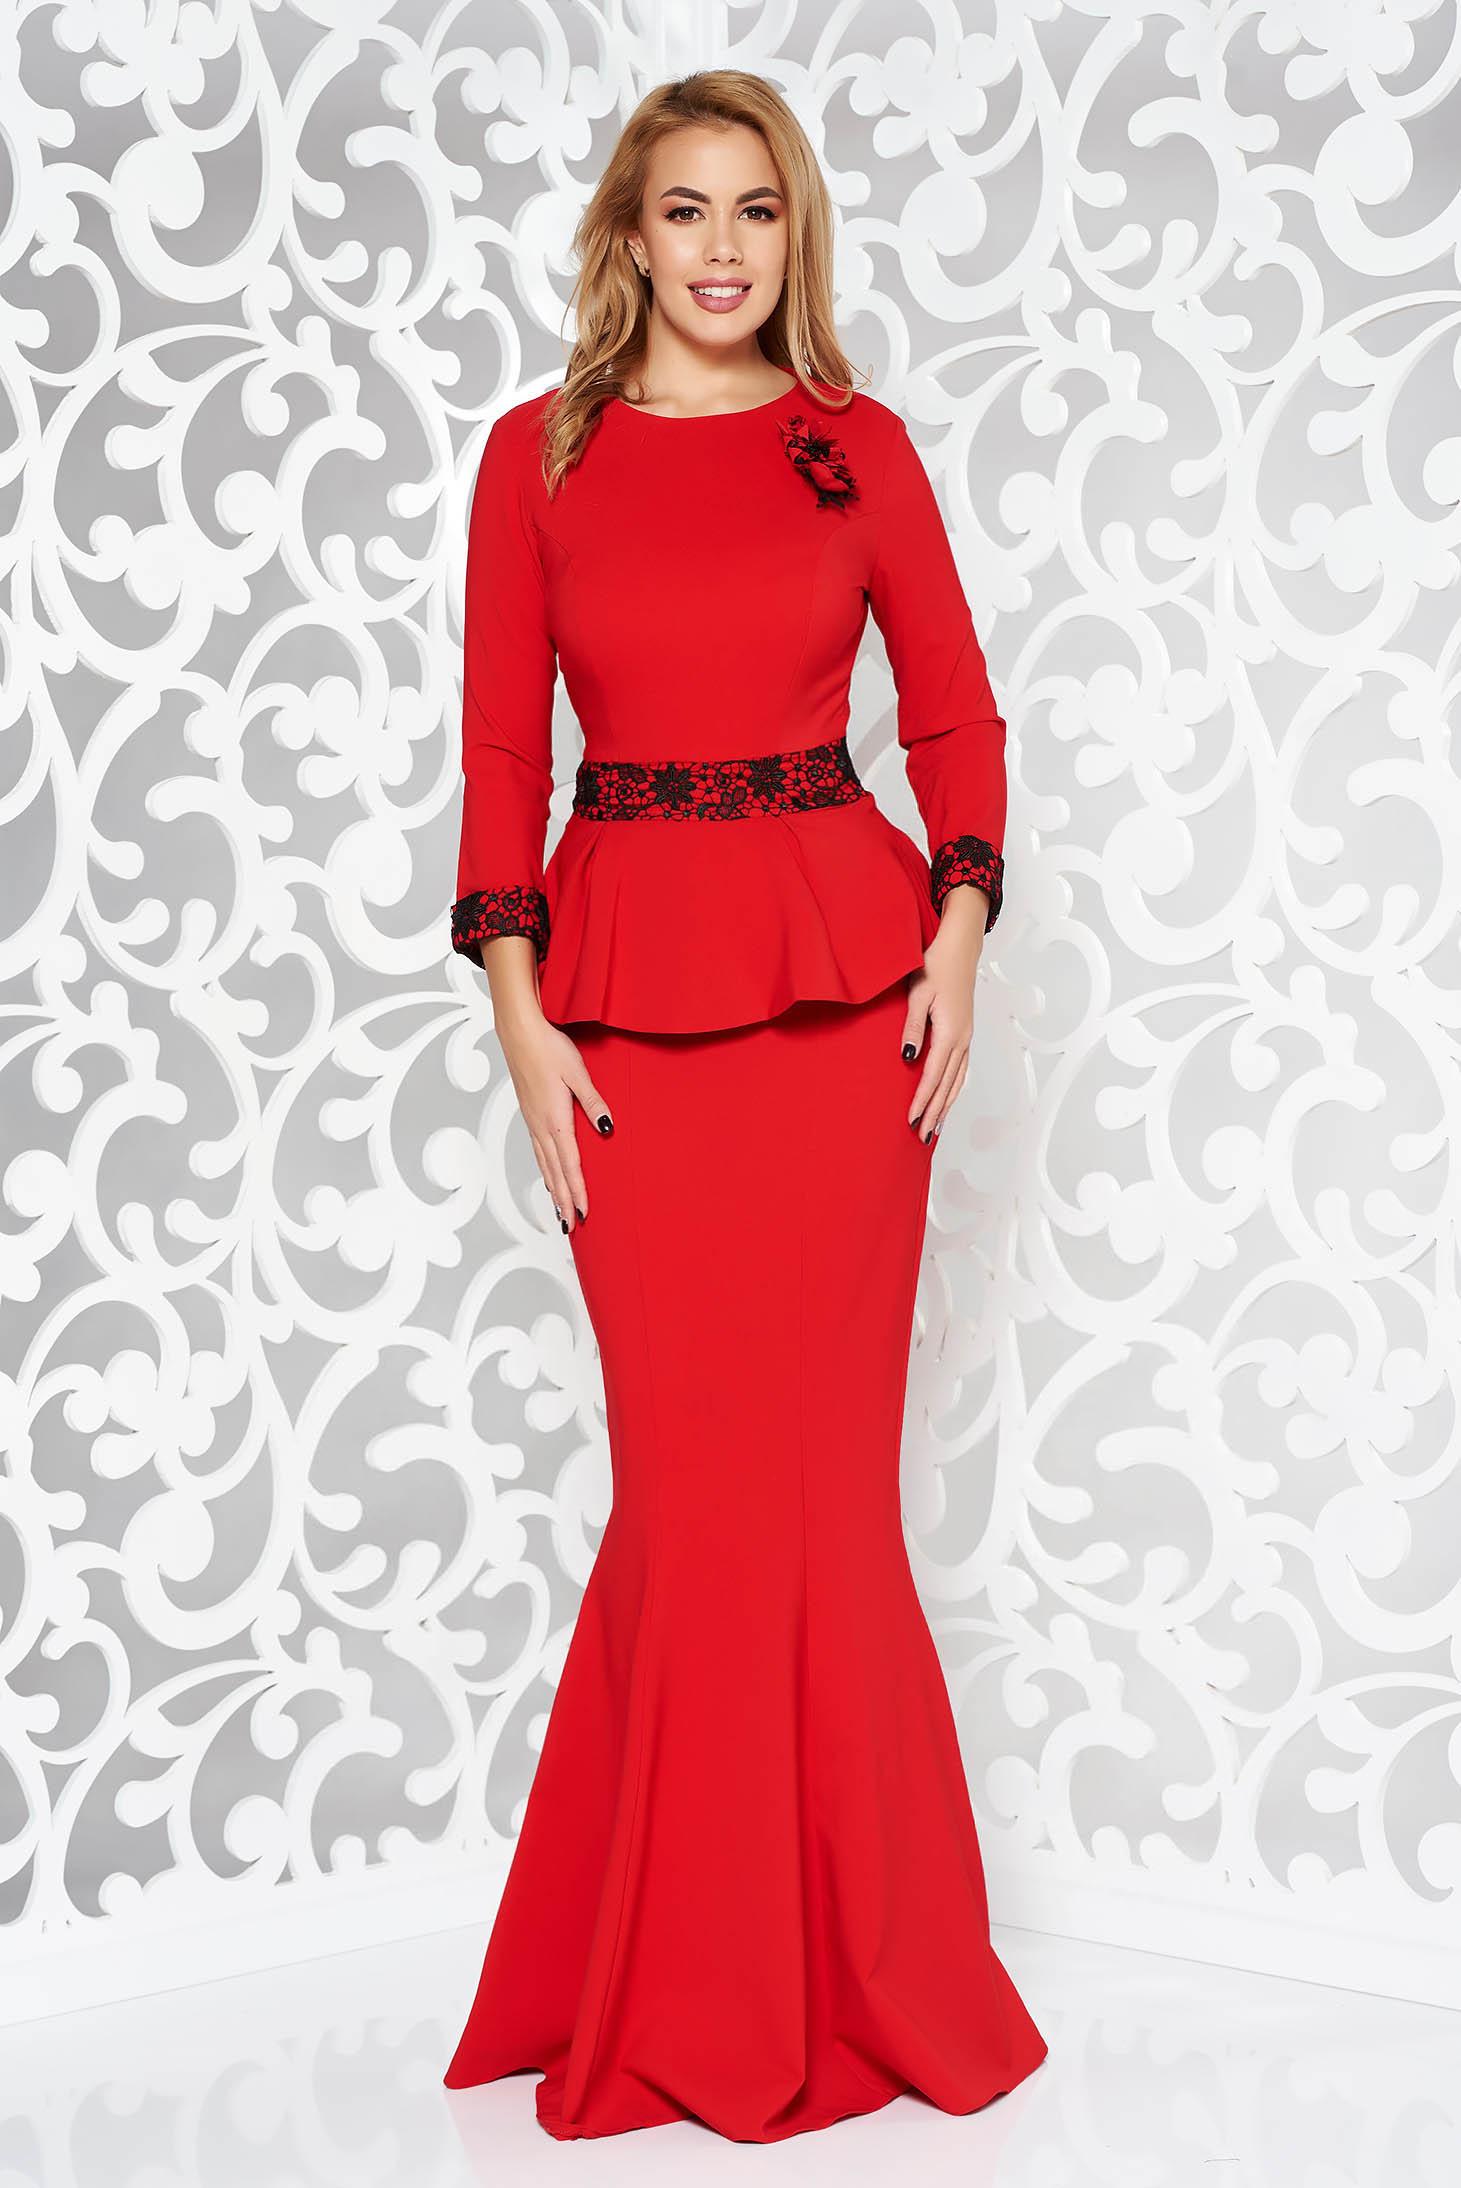 c1edb41276 Piros alkalmi hosszú szirén tipusú ruha enyhén elasztikus szövet csipke  díszítéssel bross kiegészítővel